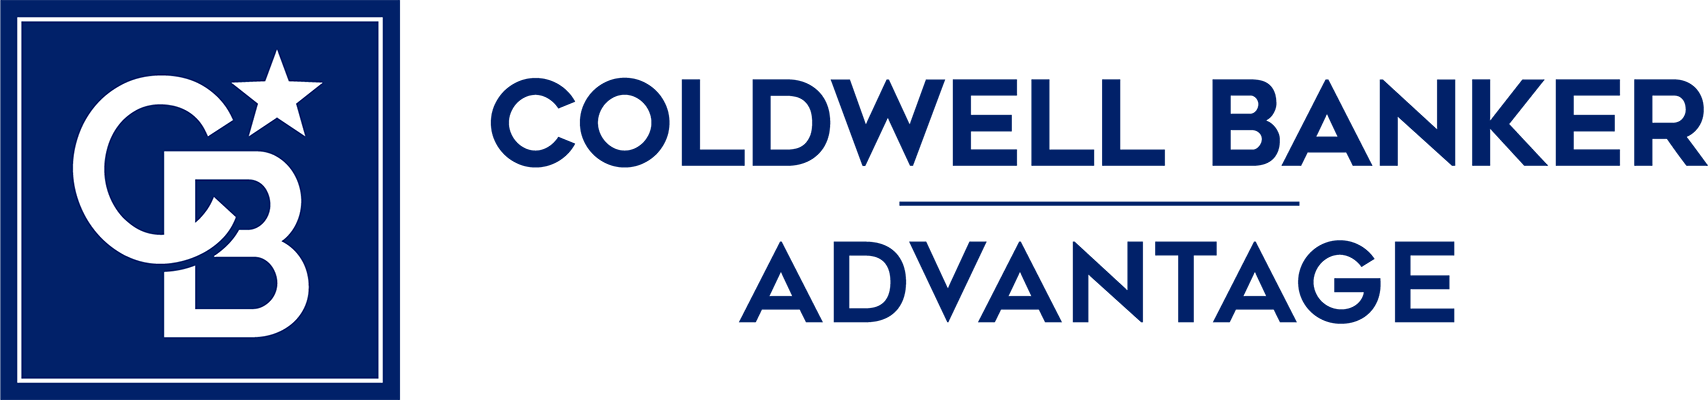 April Auman - Coldwell Banker Advantage Logo